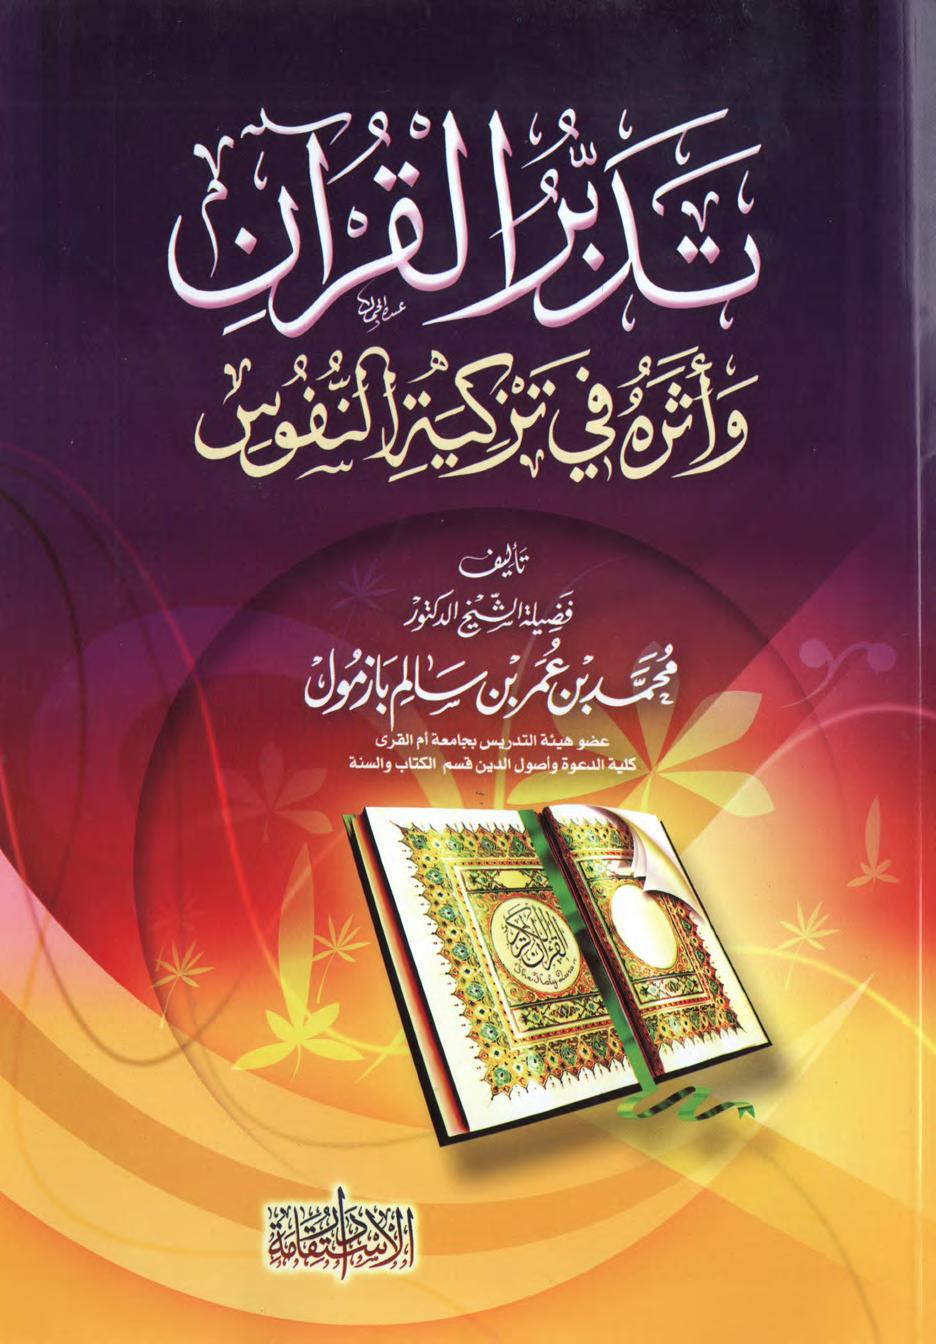 تحميل كتاب تدبر القرآن وأثره في تزكية النفوس لـِ: الدكتور محمد بن عمر بن سالم بازمول